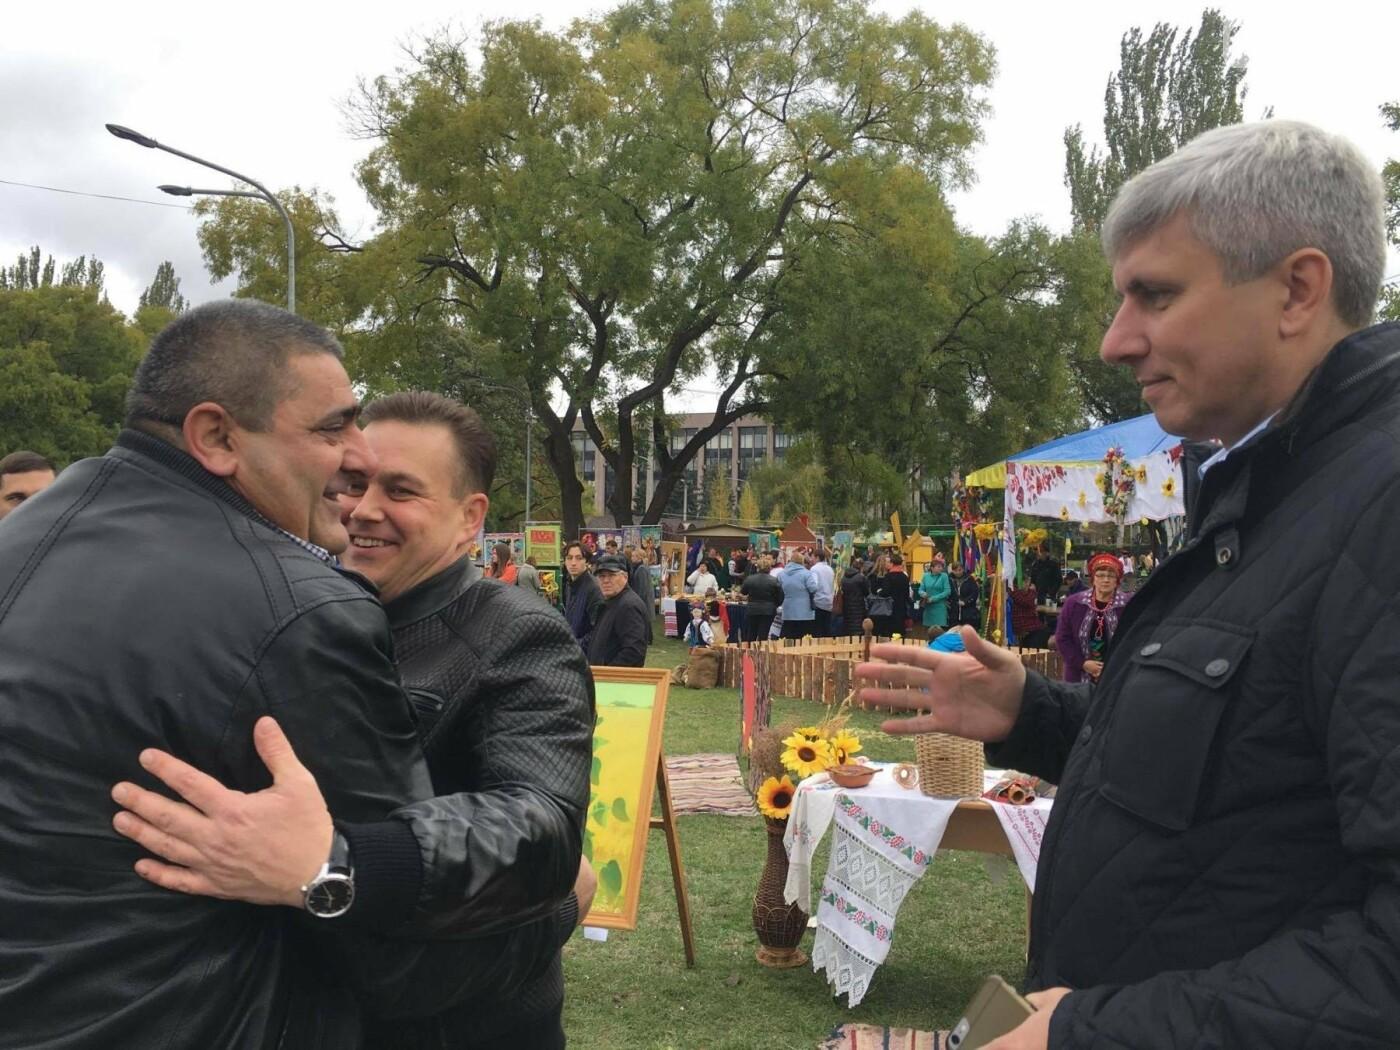 Тысячи криворожан отмечают День украинского козачества на Фестивале в парке Героев (ФОТО, ВИДЕО), фото-8